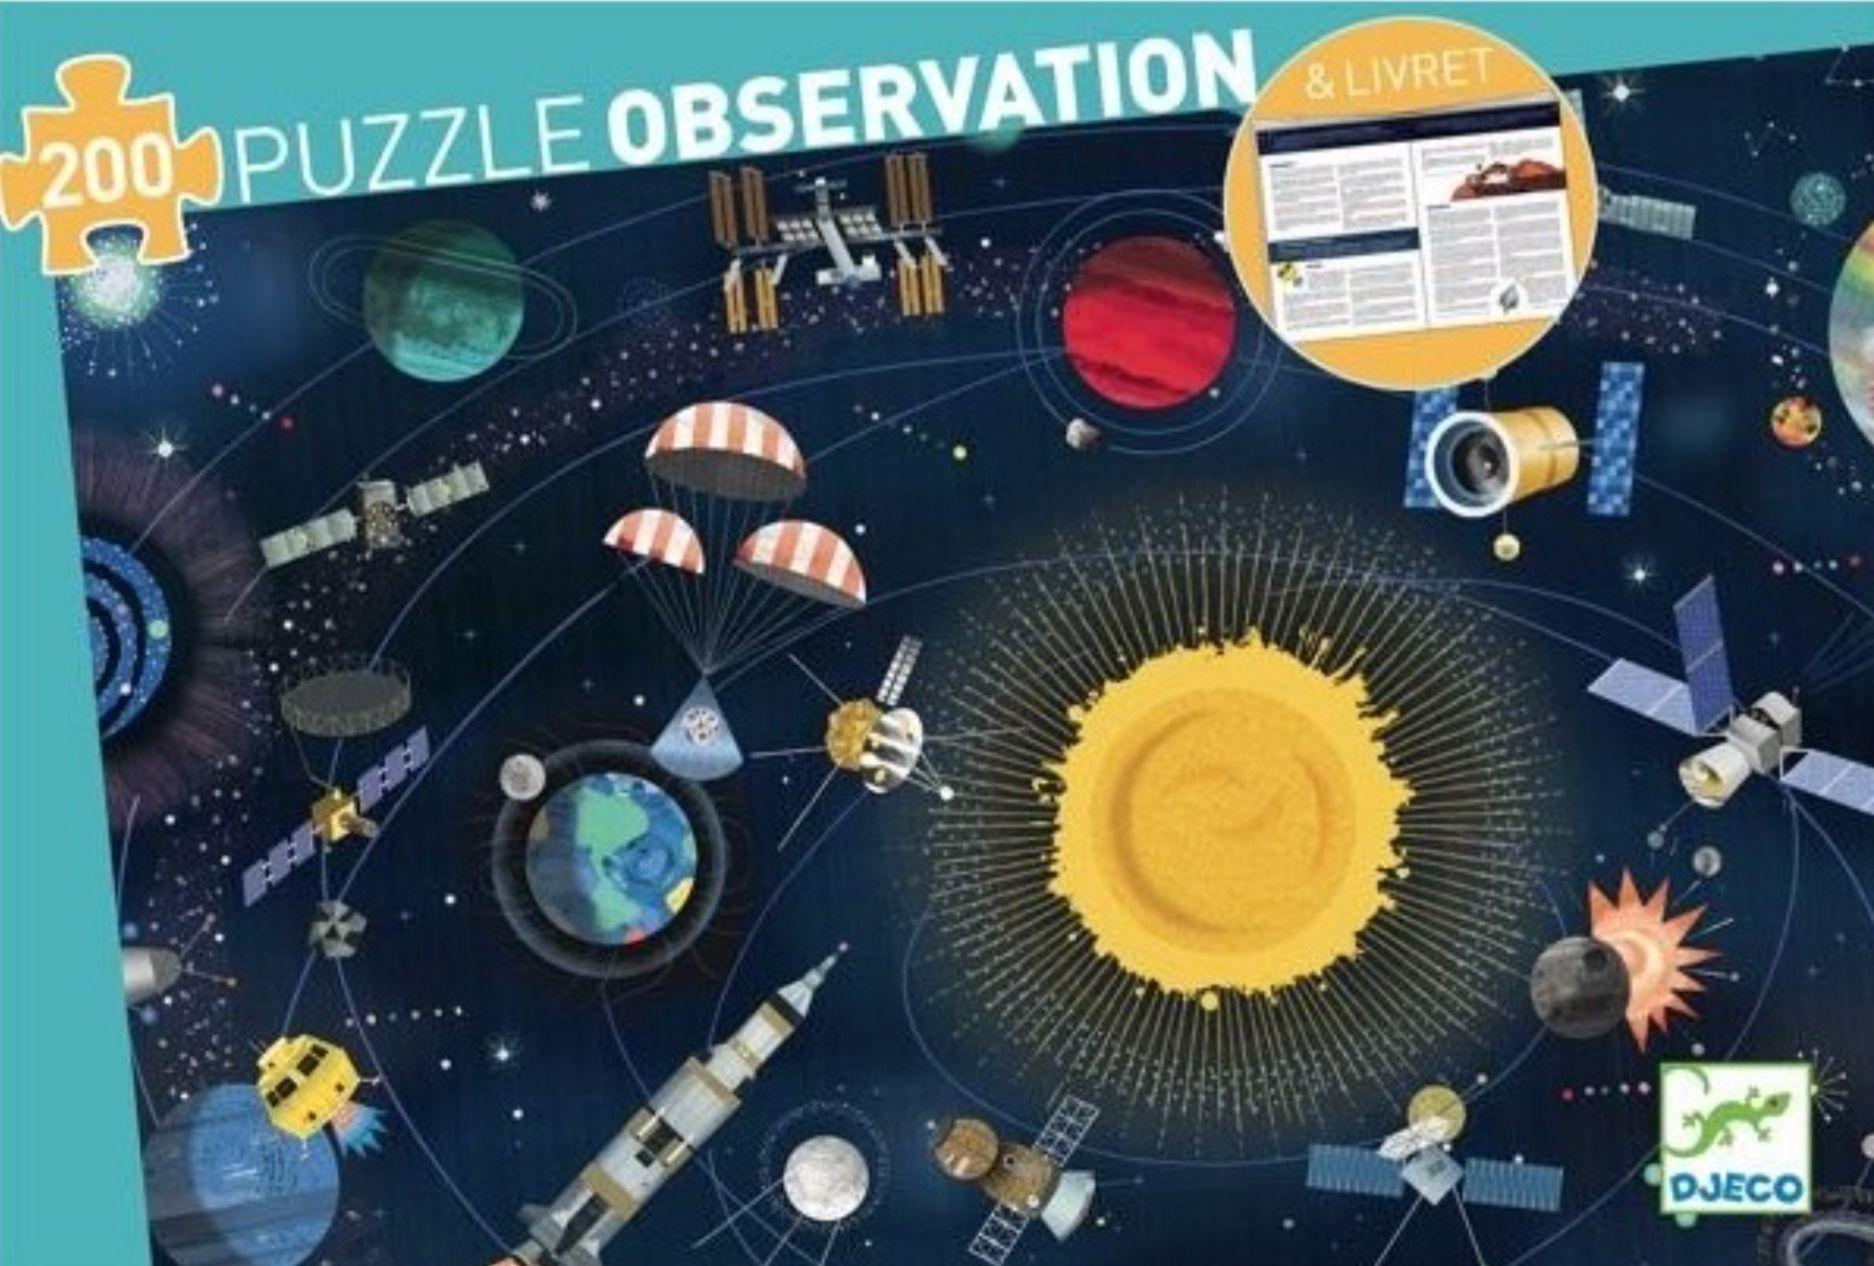 Пъзел за наблюдателност Djeco от 200 части - Космос, с книжка - 1